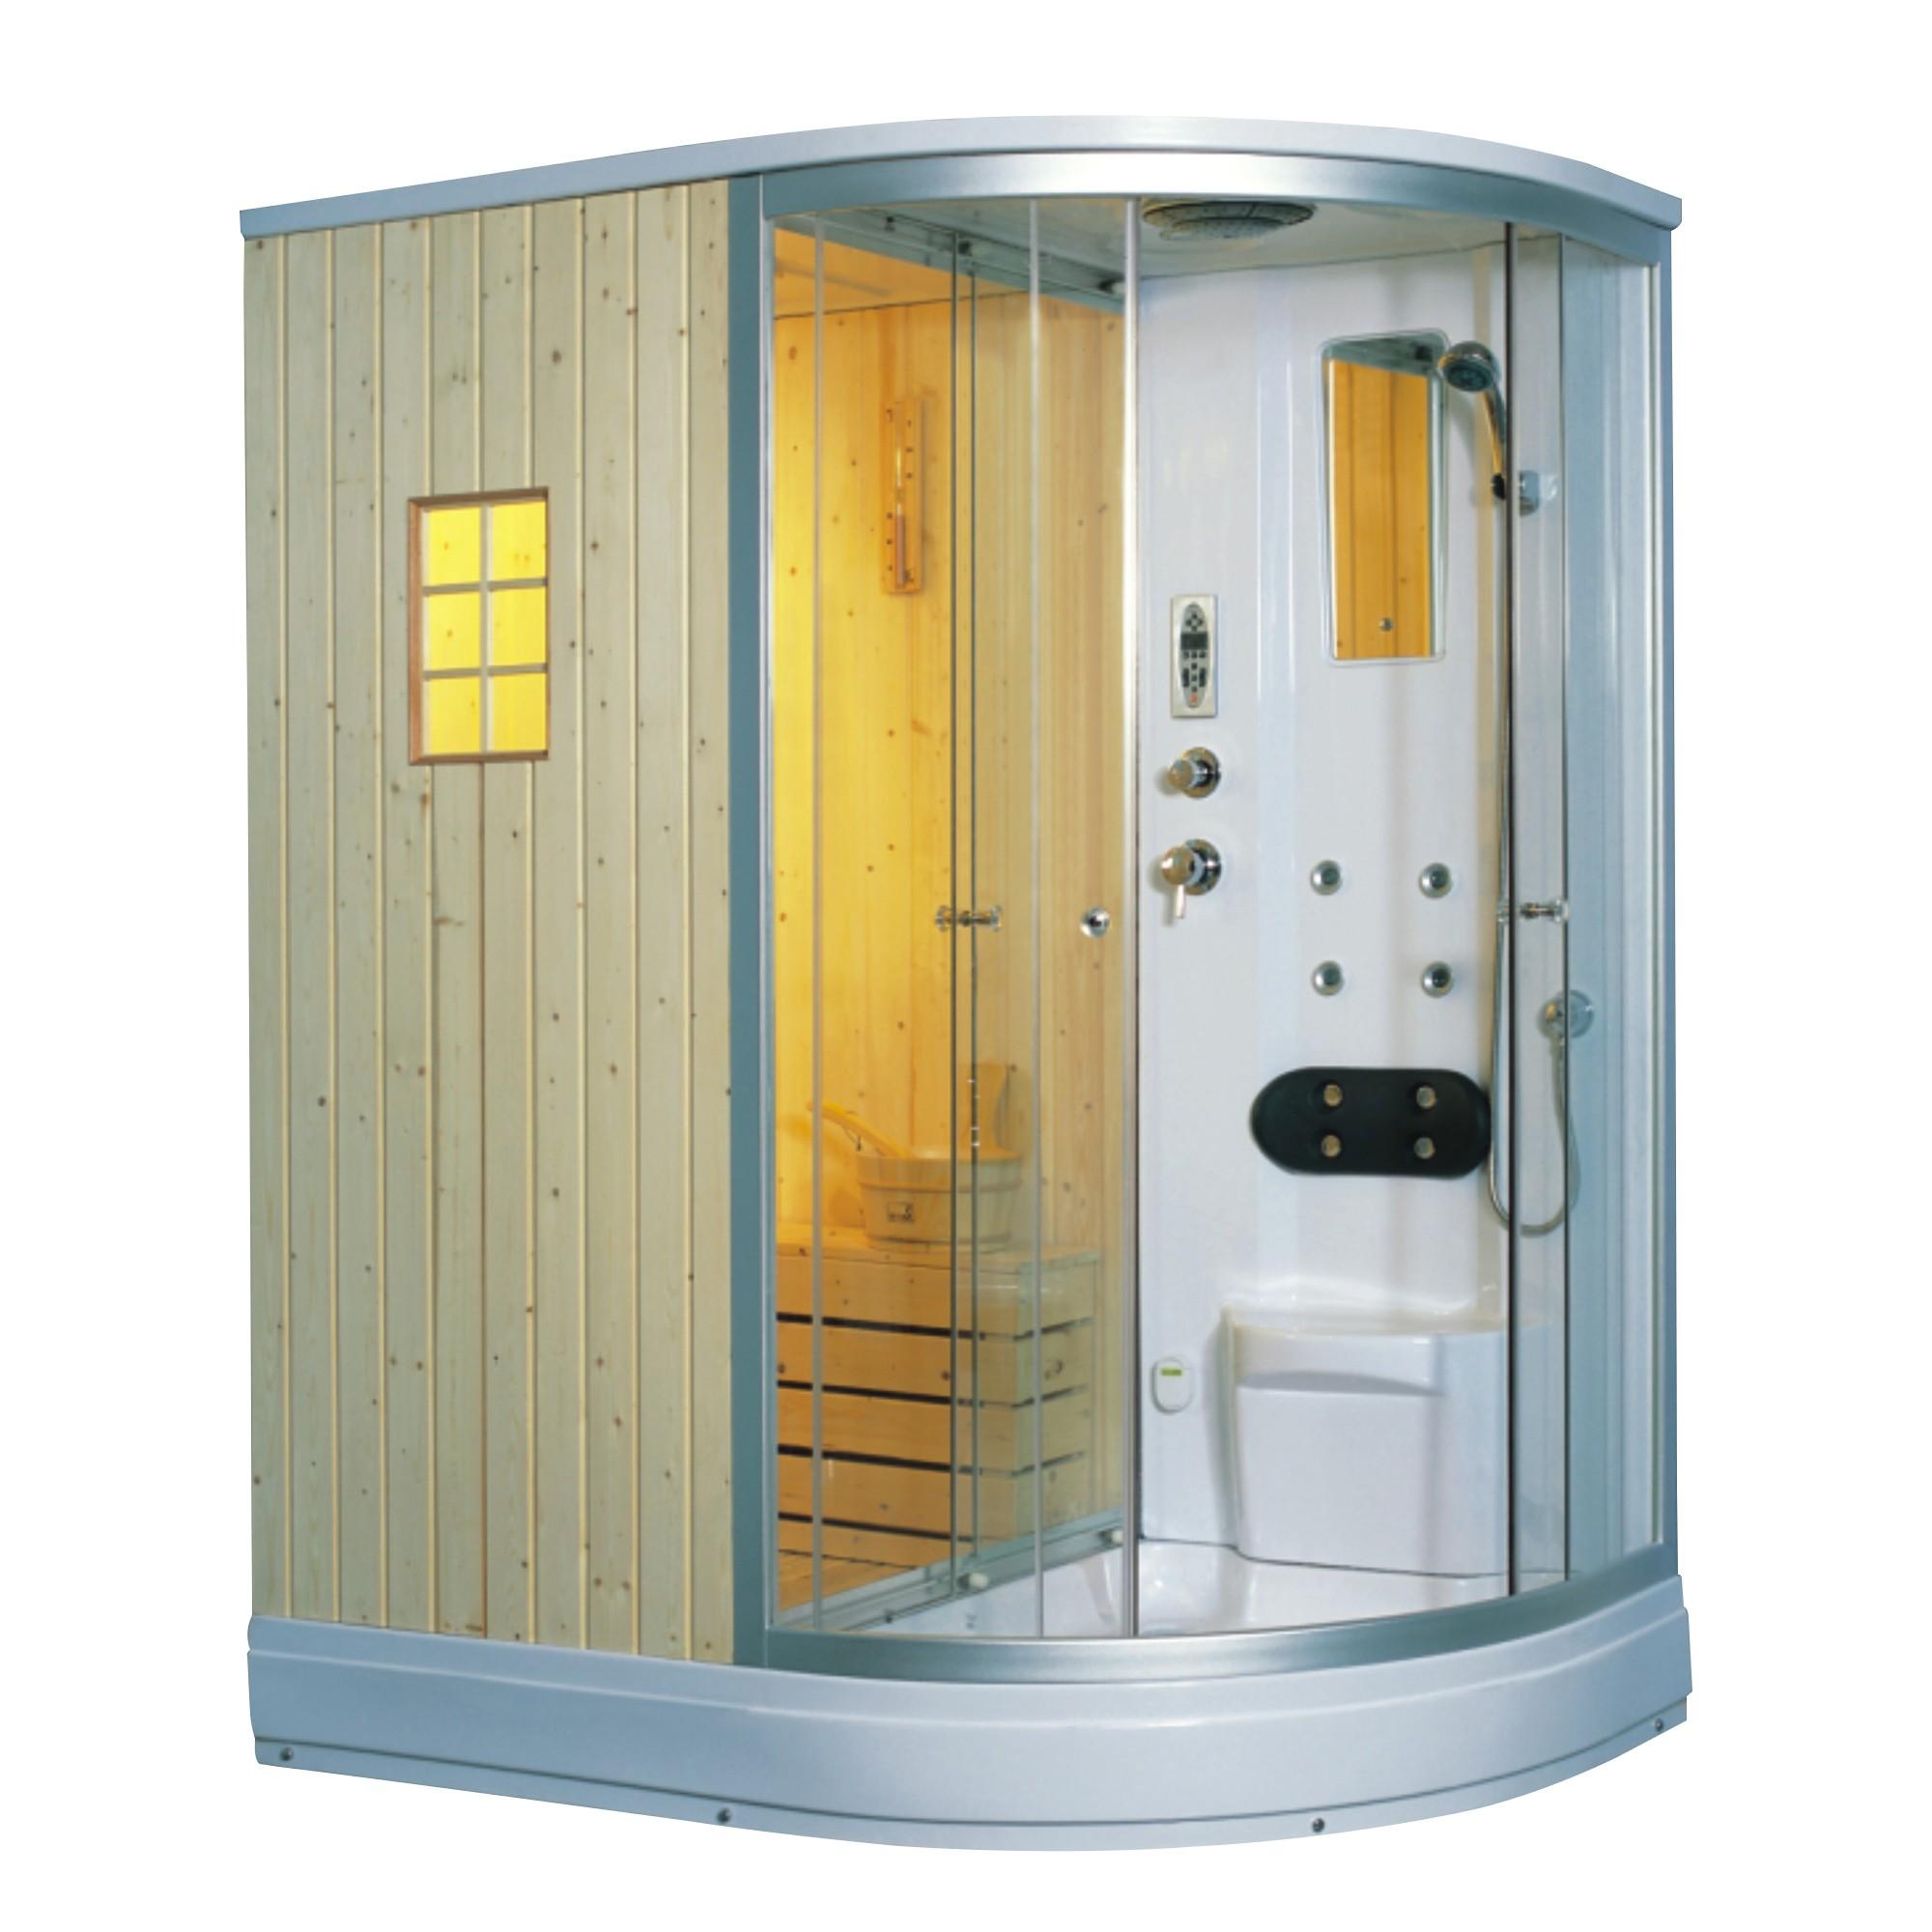 Cabina Dus Pret Praktiker.Dedeman Cabina Dus Cu Sauna Ans 529 Pe Stanga 110 X 170 X 219 Cm Dedicat Planurilor Tale